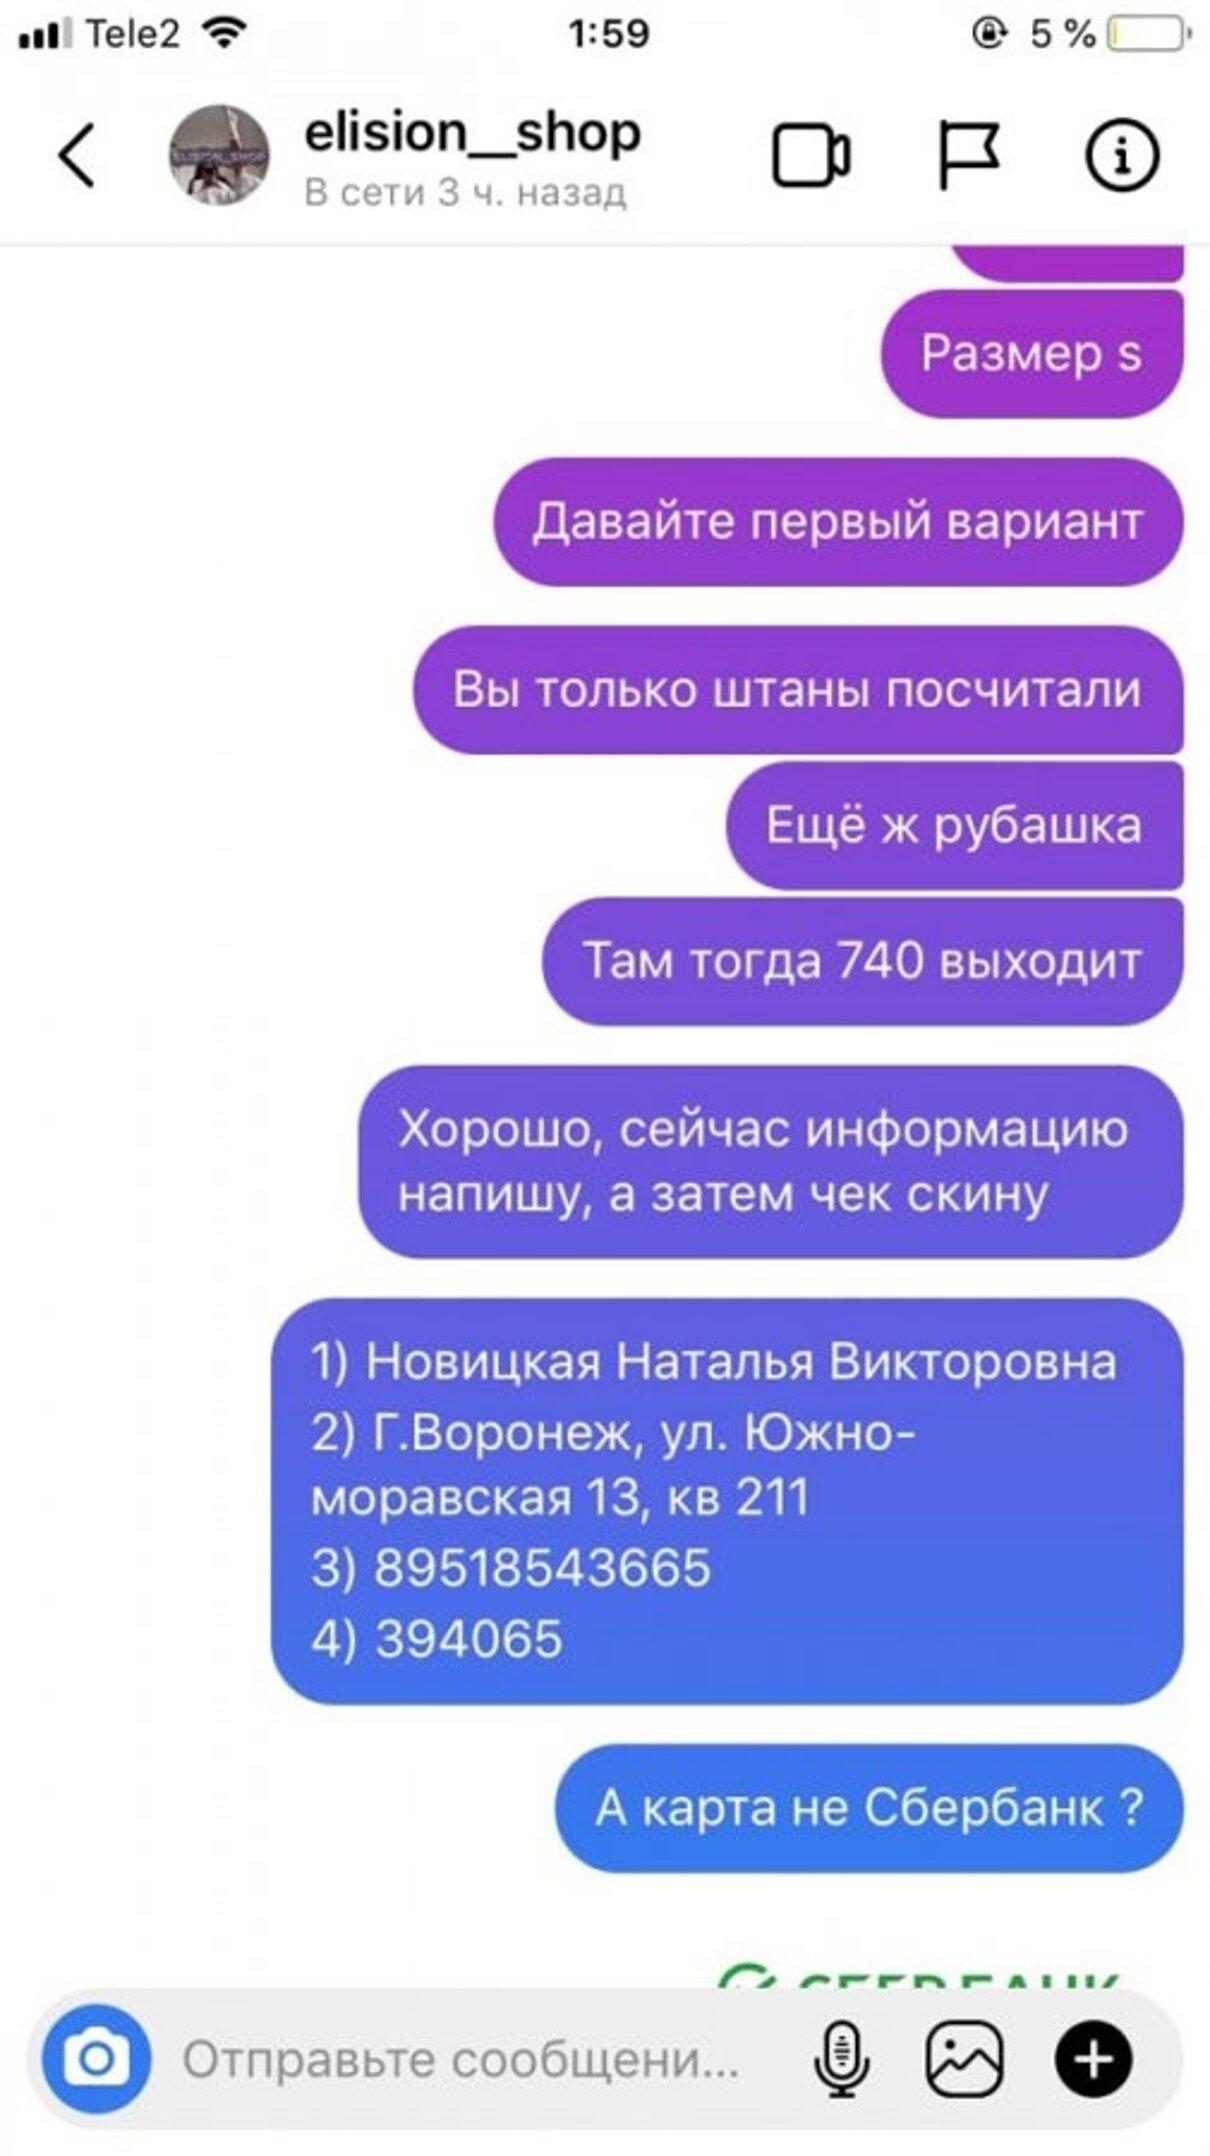 Жалоба-отзыв: Elision_shop - Обман в магазине инстаграм.  Фото №3